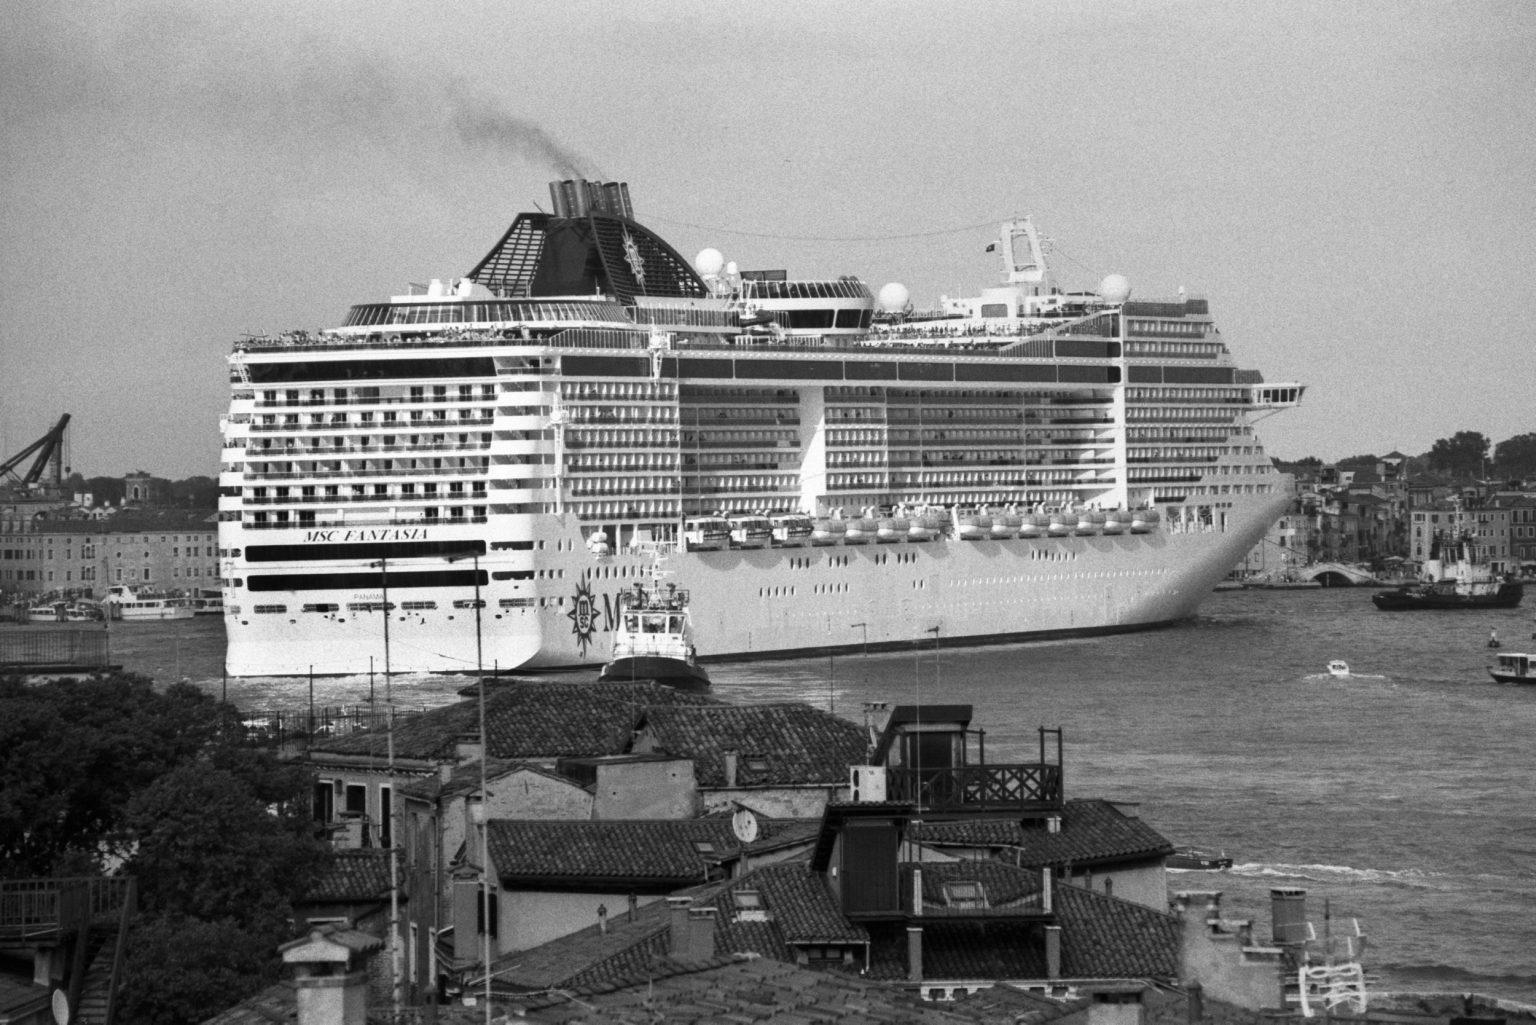 """Venice, August 2013 - Big cruise liners invade the city - MSC Divina cruise ship passing by the old town ><  Venezia, agosto 2013 - Le grandi navi da crociera invadono la città - La MSC Divina passa davanti al centro storico<p><span style=""""color: #ff0000""""><strong>*** SPECIAL   FEE   APPLIES ***</strong></span></p>*** SPECIAL   FEE   APPLIES *** *** Local Caption *** 00483766"""